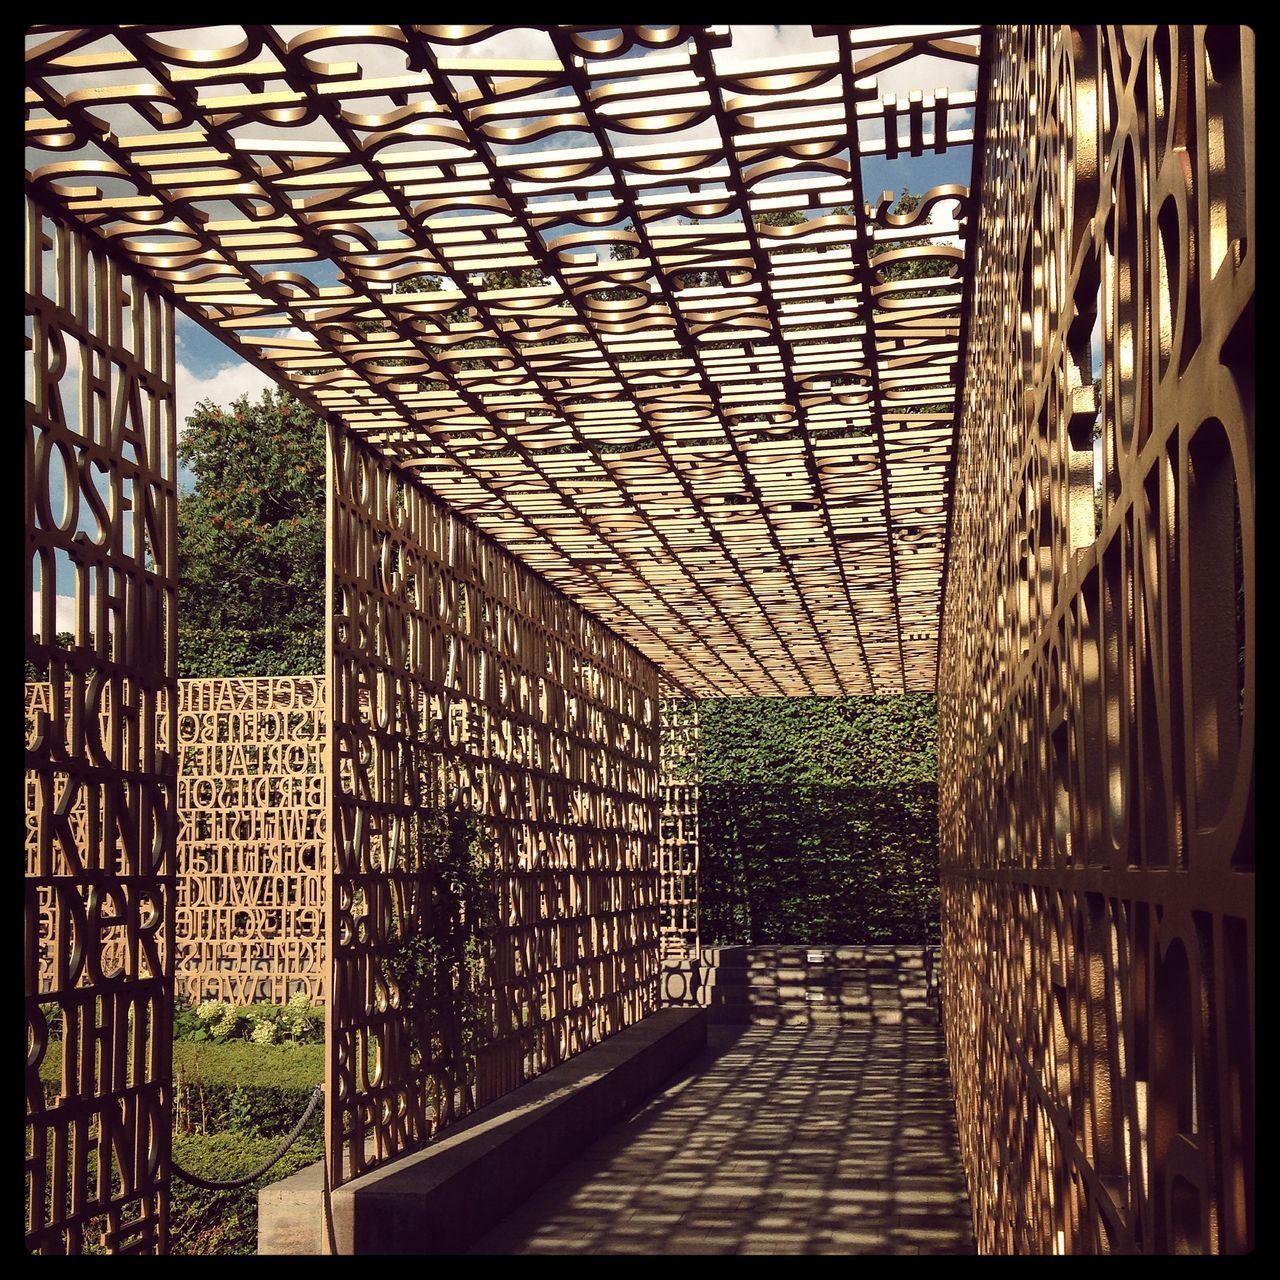 Architecture Bible Built Structure Day Der Christliche Garten Golden Greenhouse Gärten Der Welt Indoors  Labyrinth Letter Letters Marzahn Metal Nature No People Sky